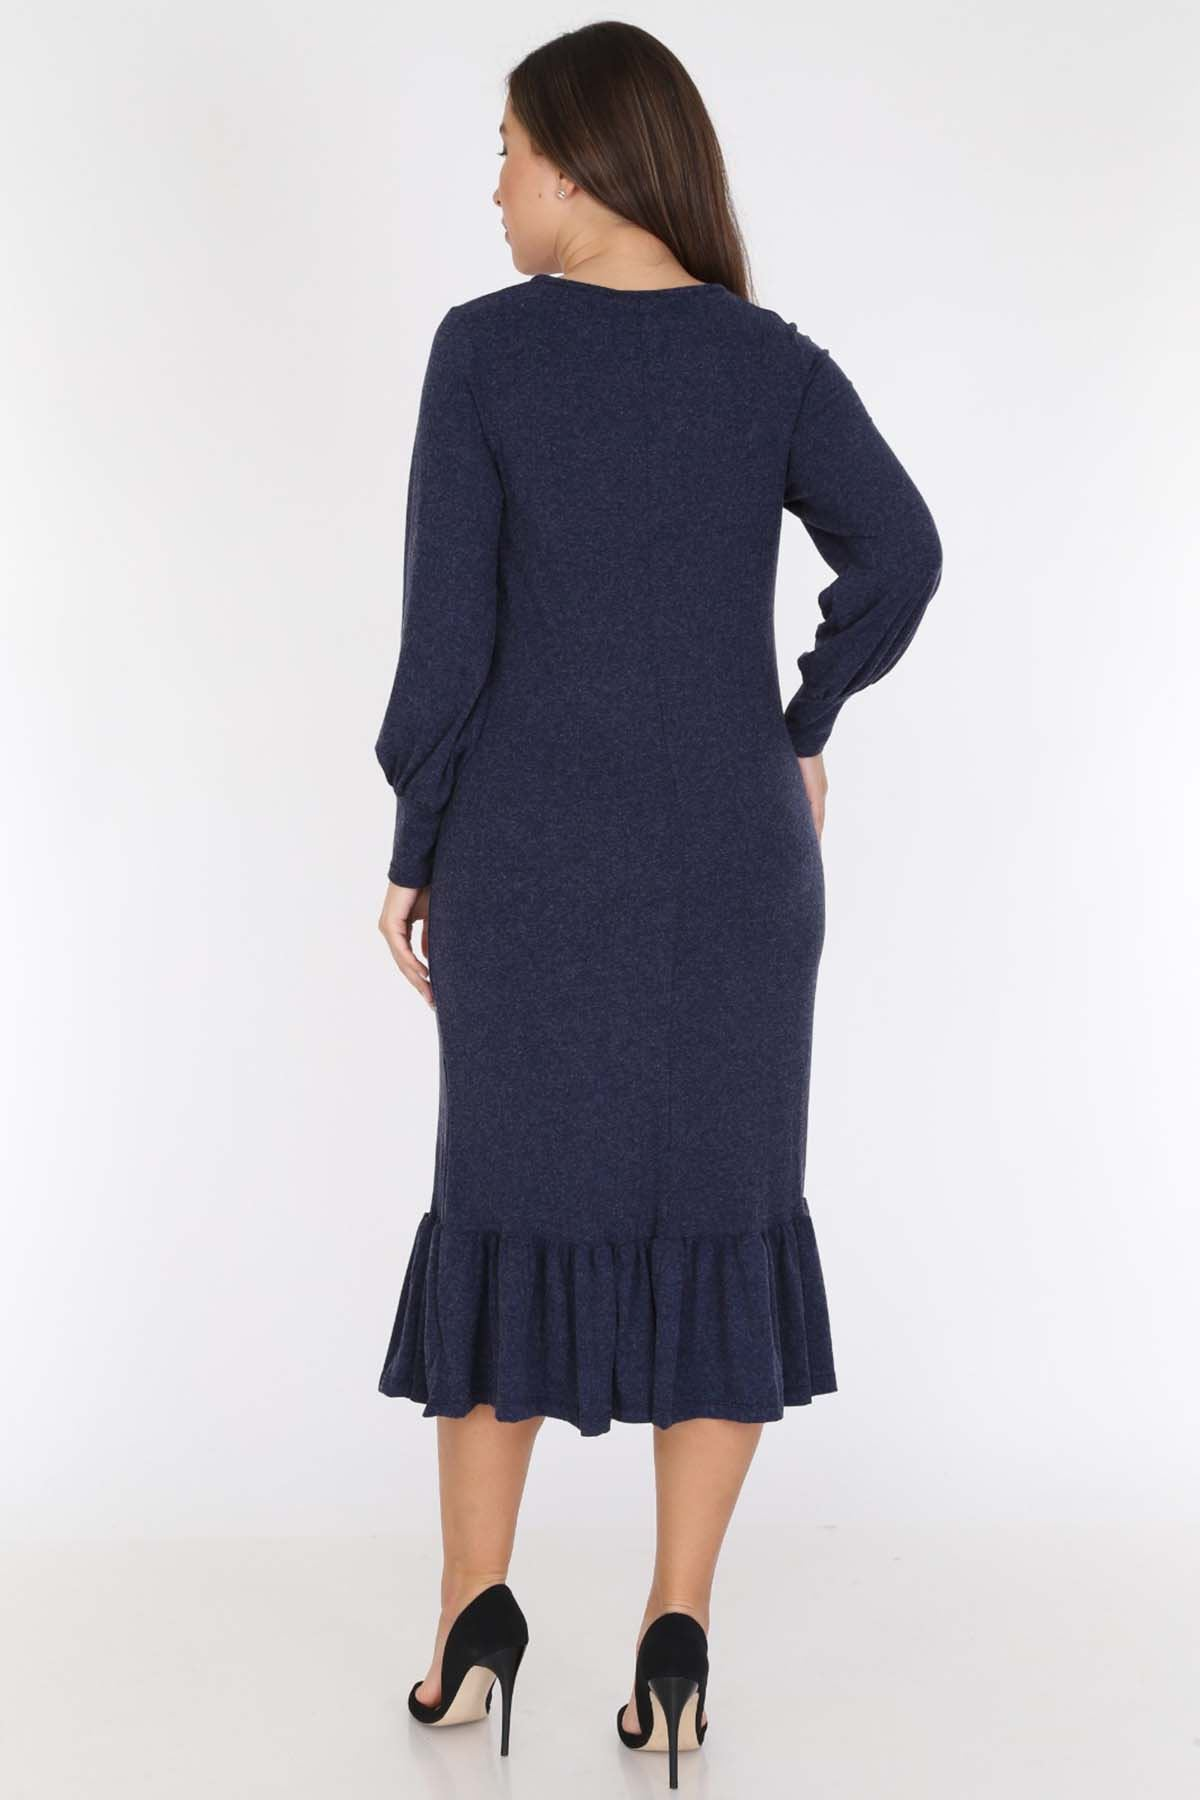 Lacivert Etek Fırfırlı Büyük Beden Elbise 20C-0782